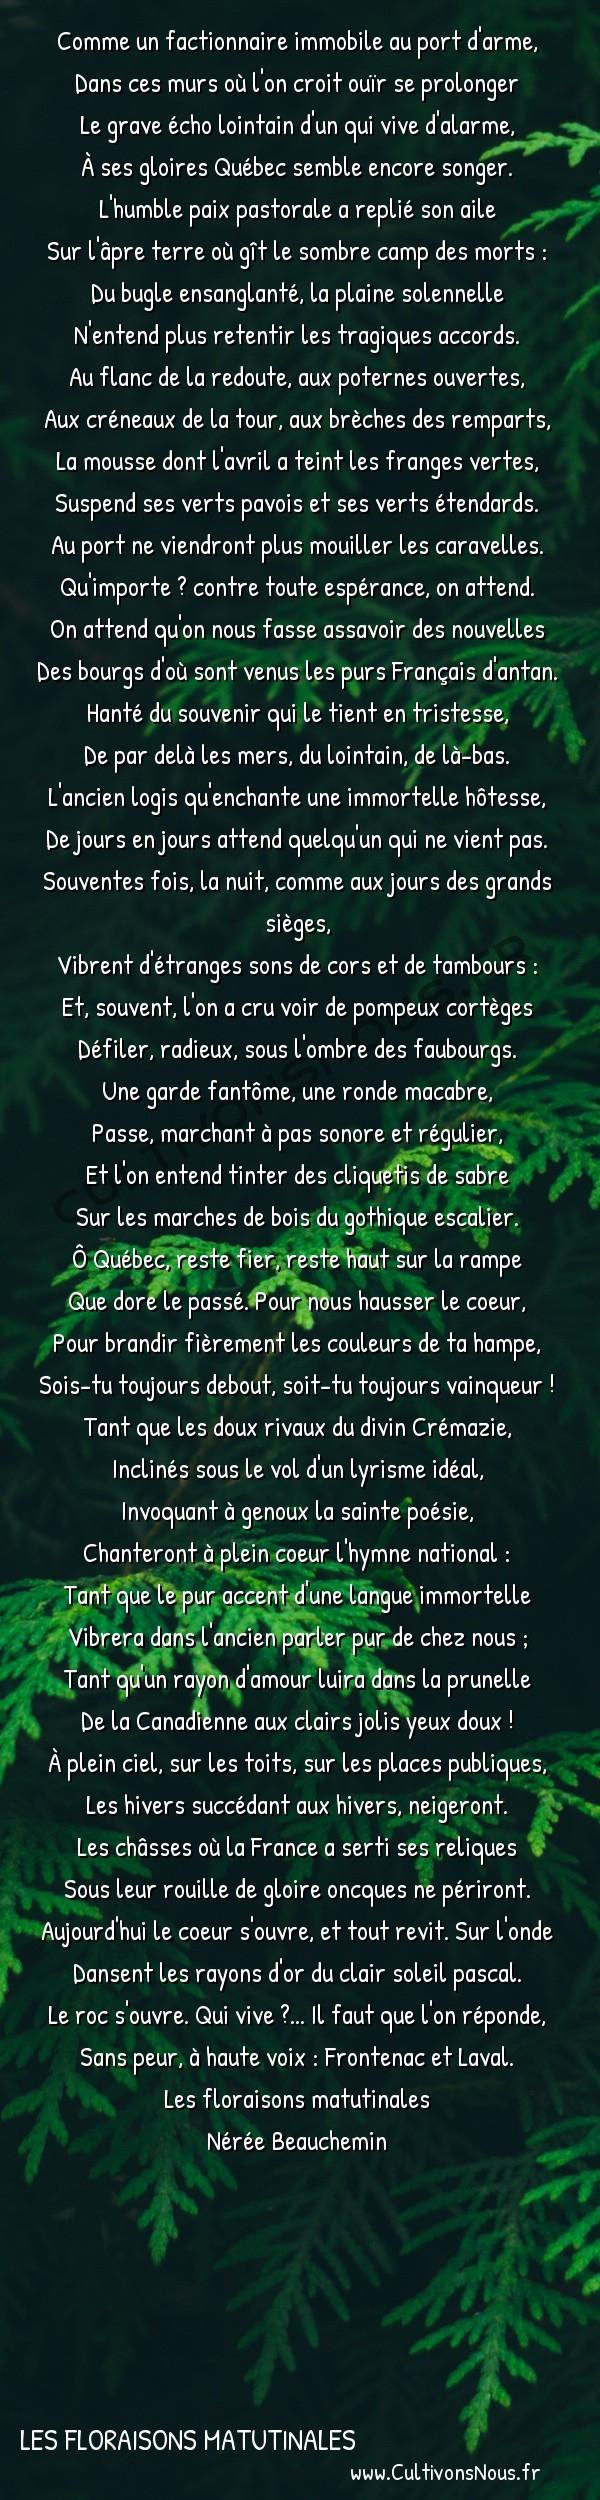 Poésie Nérée Beauchemin - Les floraisons matutinales - Québec -  Comme un factionnaire immobile au port d'arme, Dans ces murs où l'on croit ouïr se prolonger